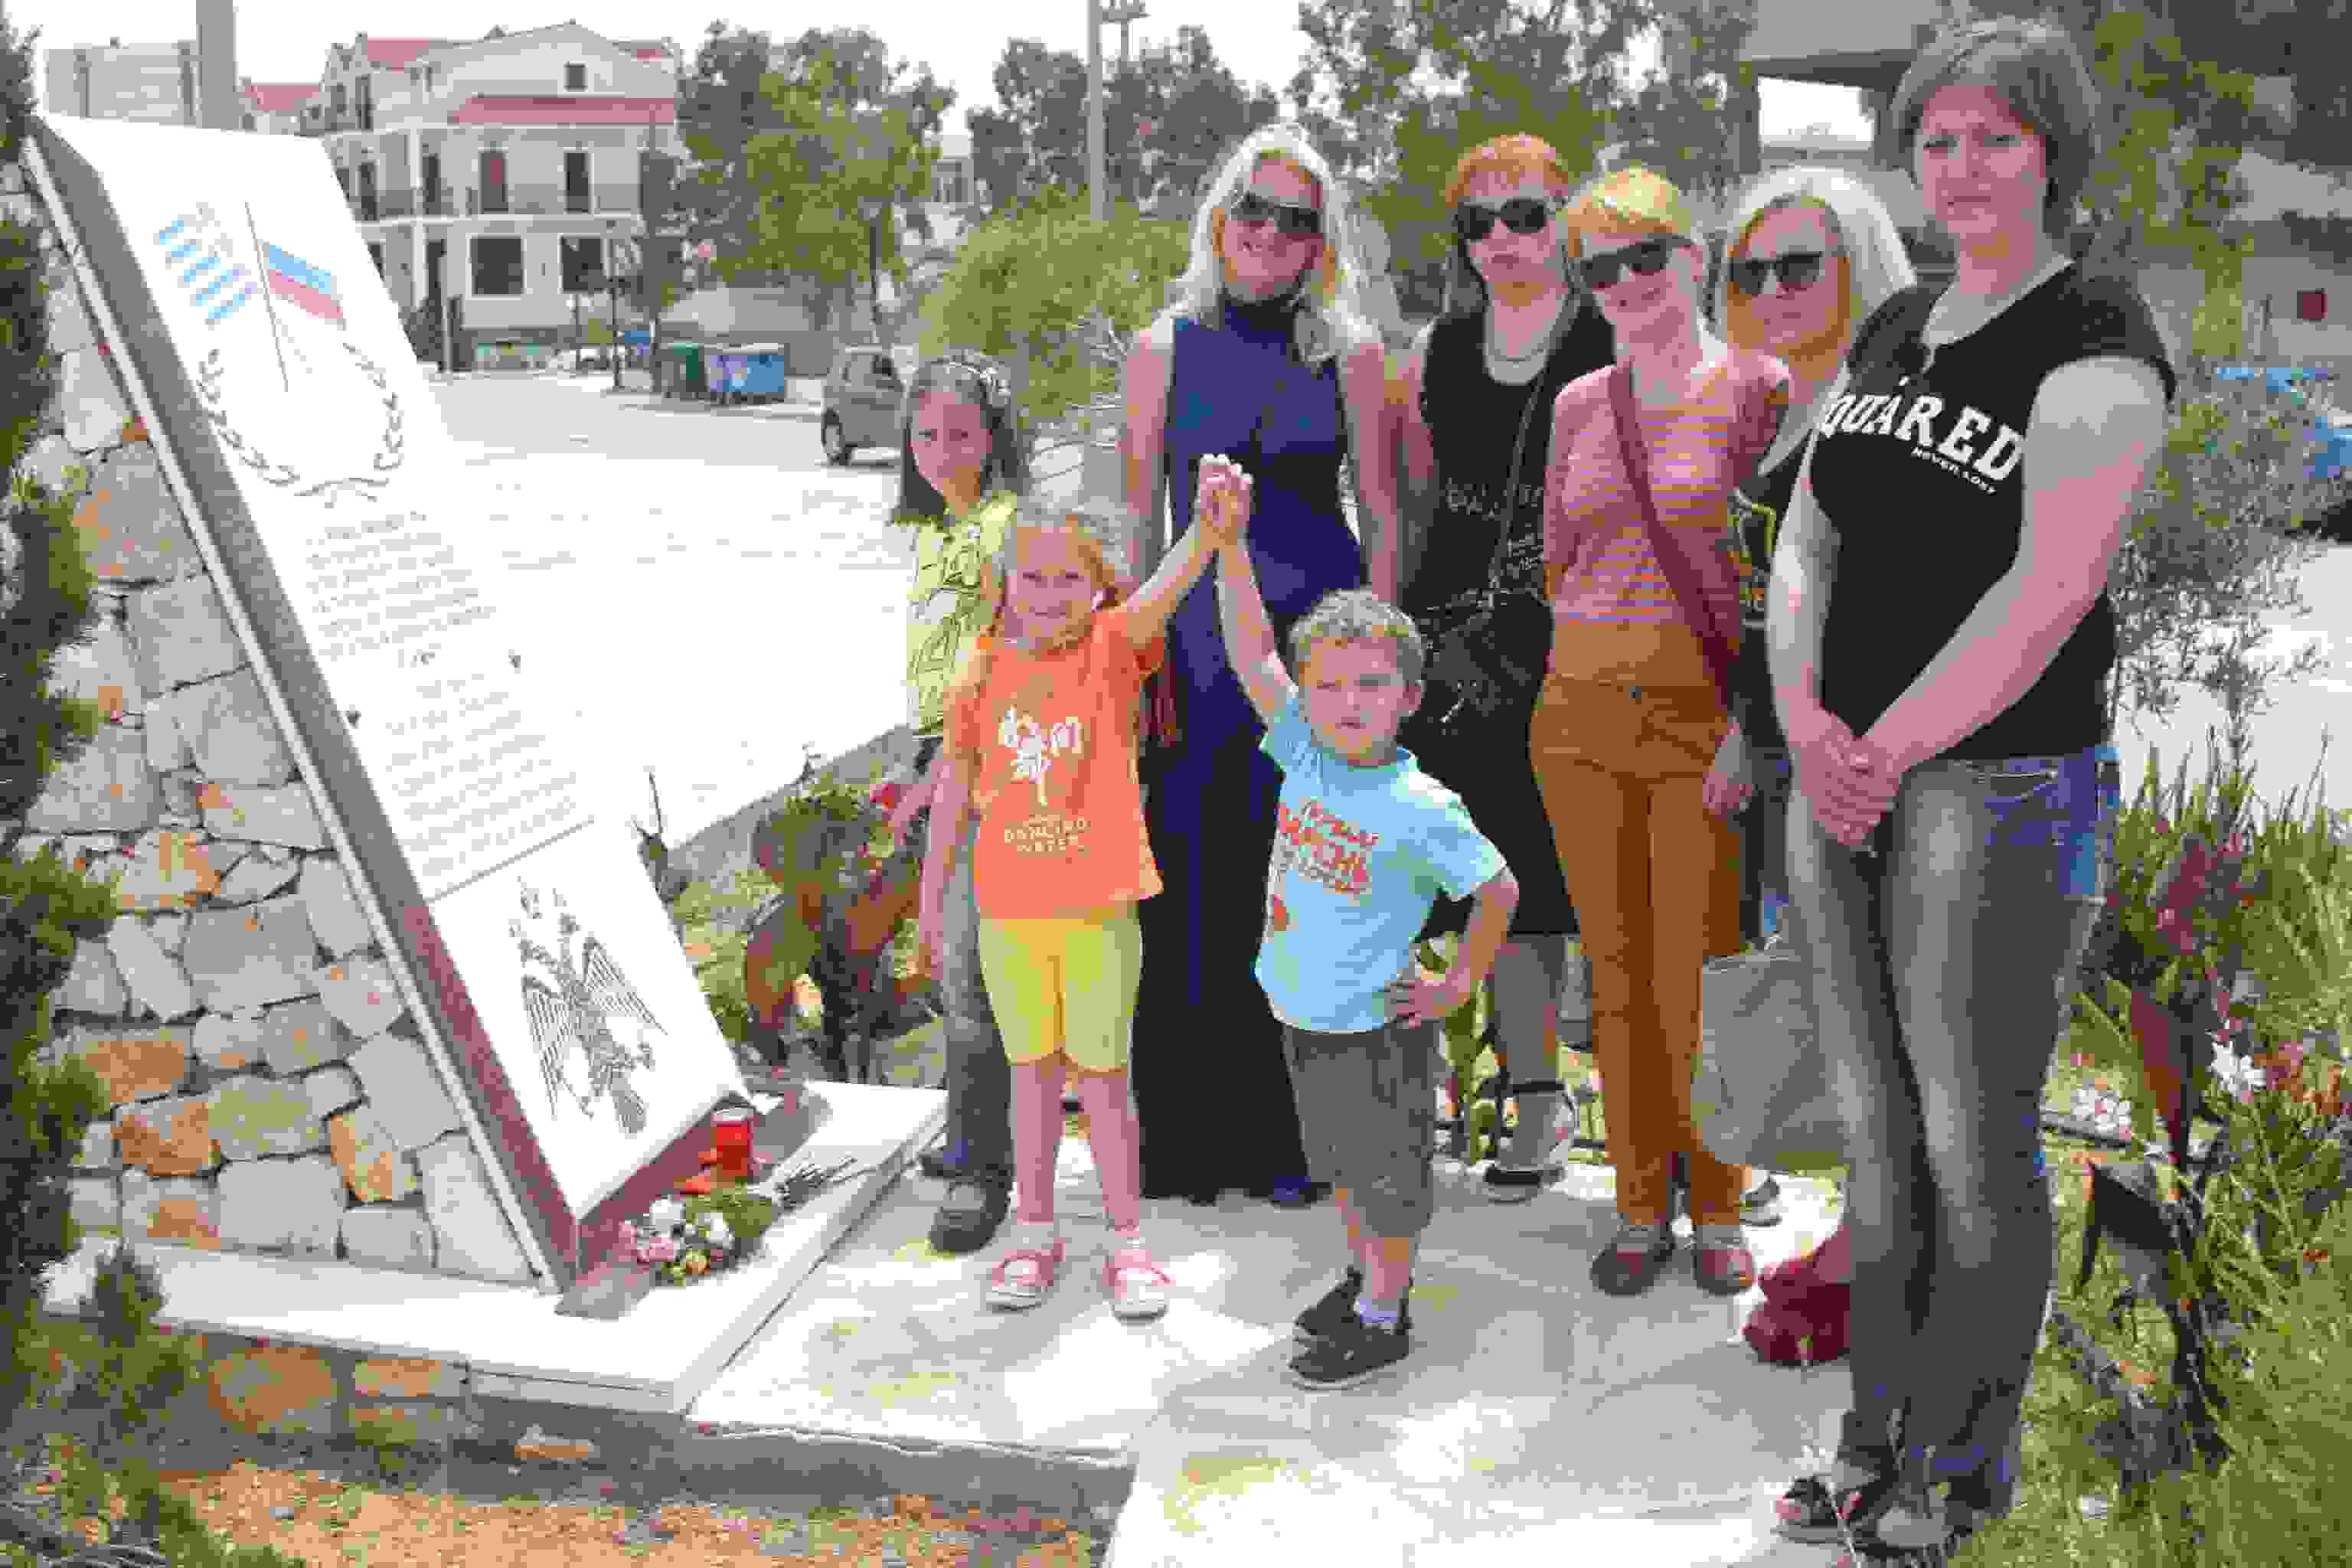 Ο Σύλλογος Ρωσσόφωνων τίμησε τη μνήμη των θυμάτων της Ουκρανίας